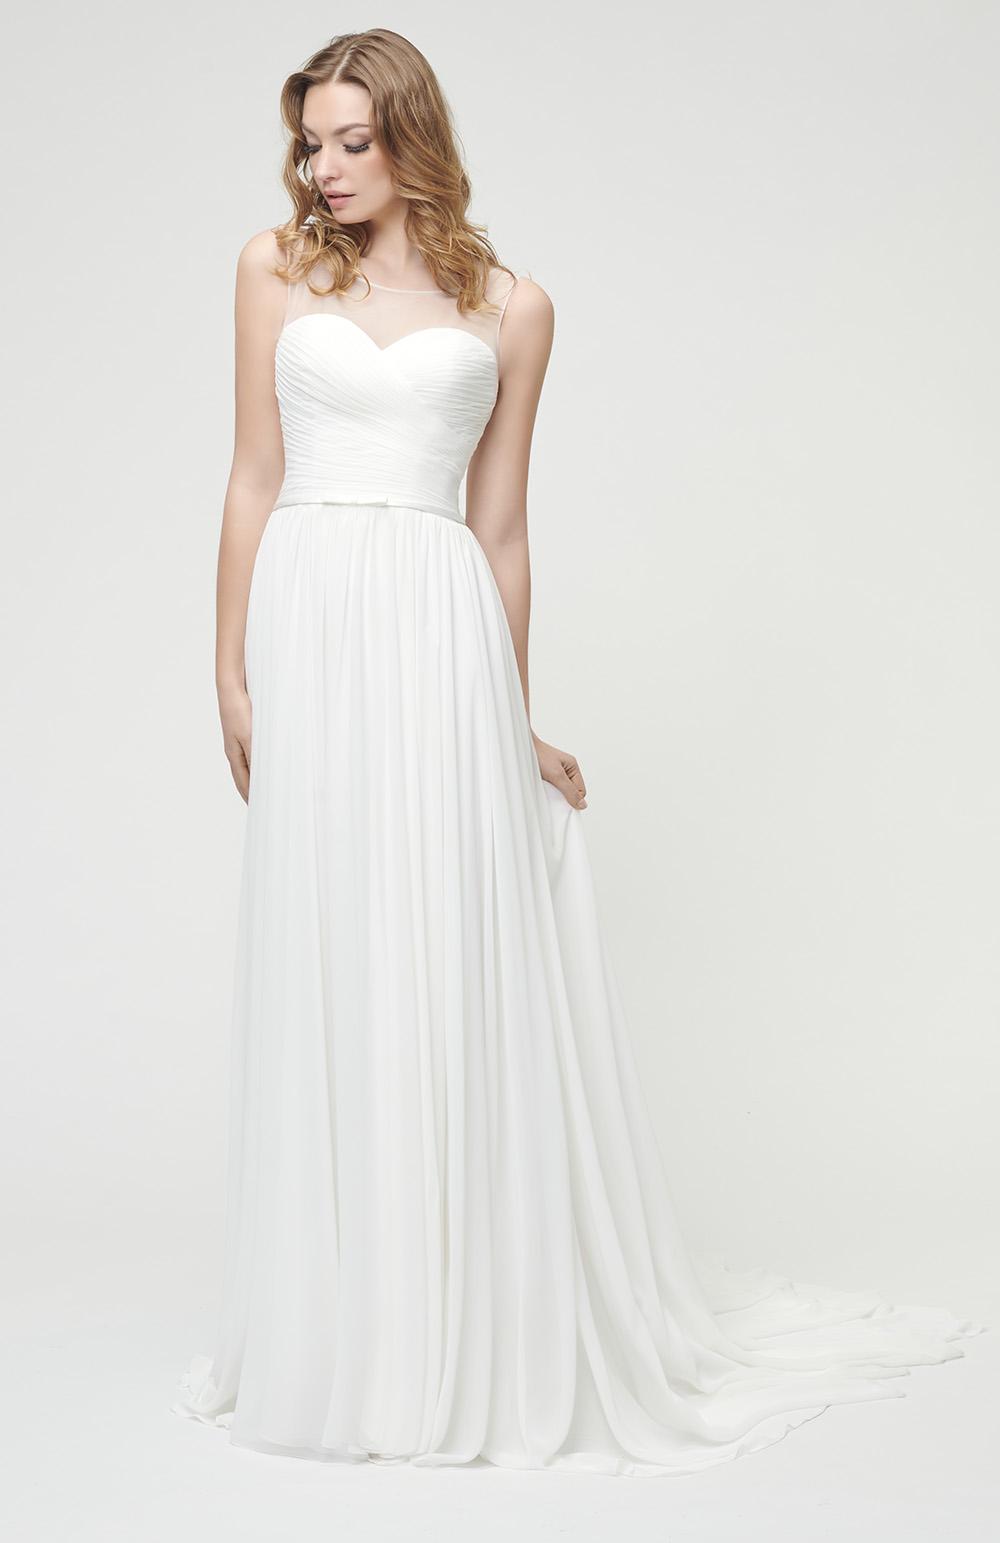 Robe de mariée Modèle Poésie